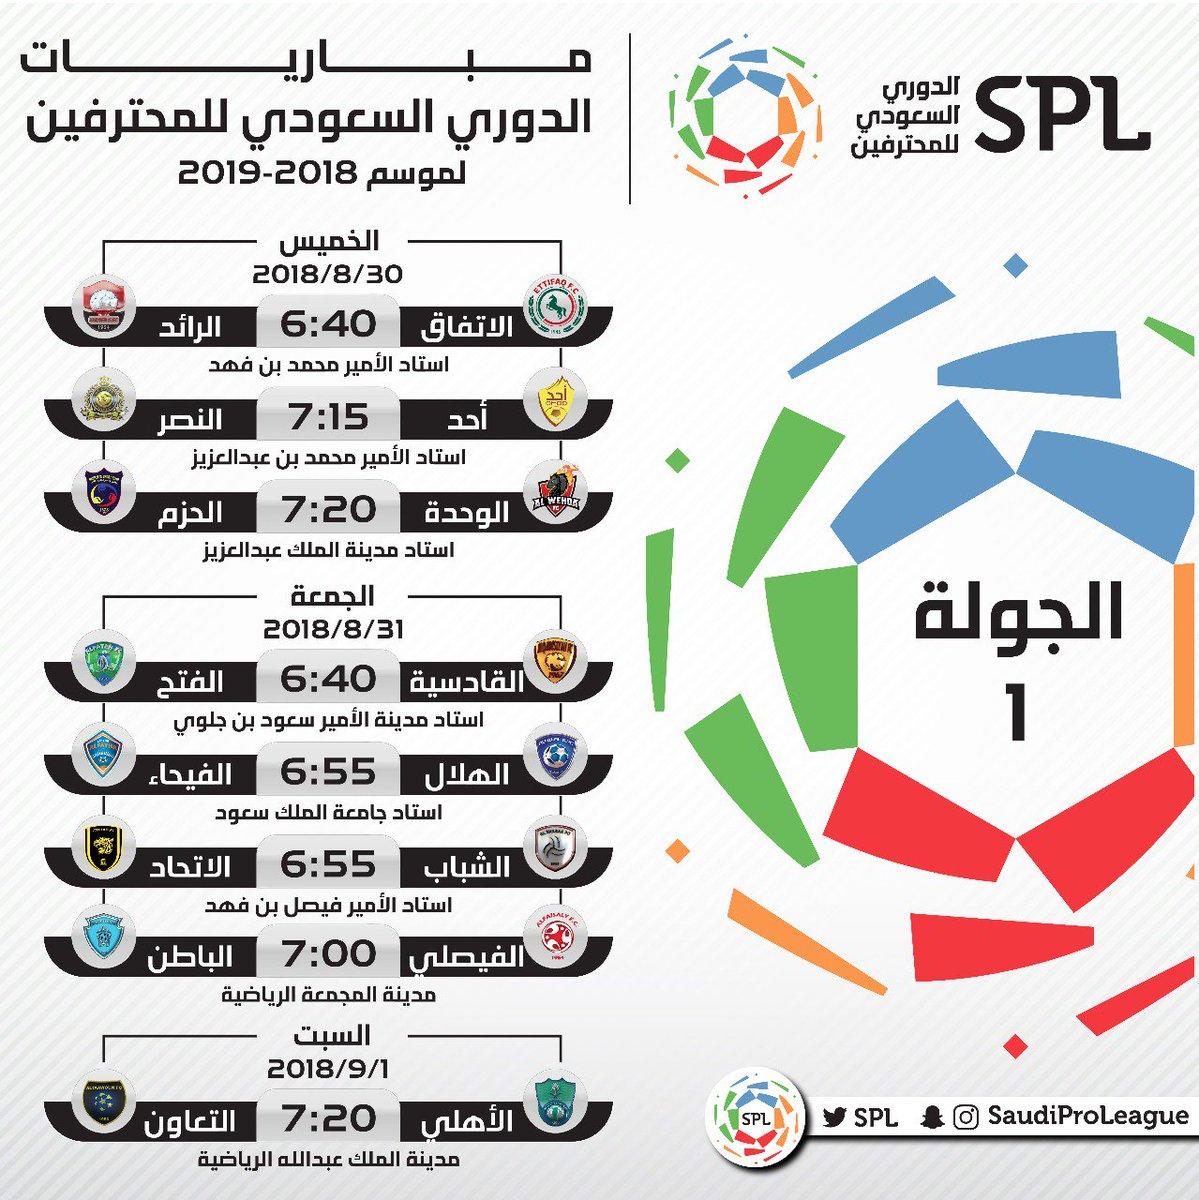 جدول مباريات الدوري السعودي للمحترفين 2018 2019 المعدل